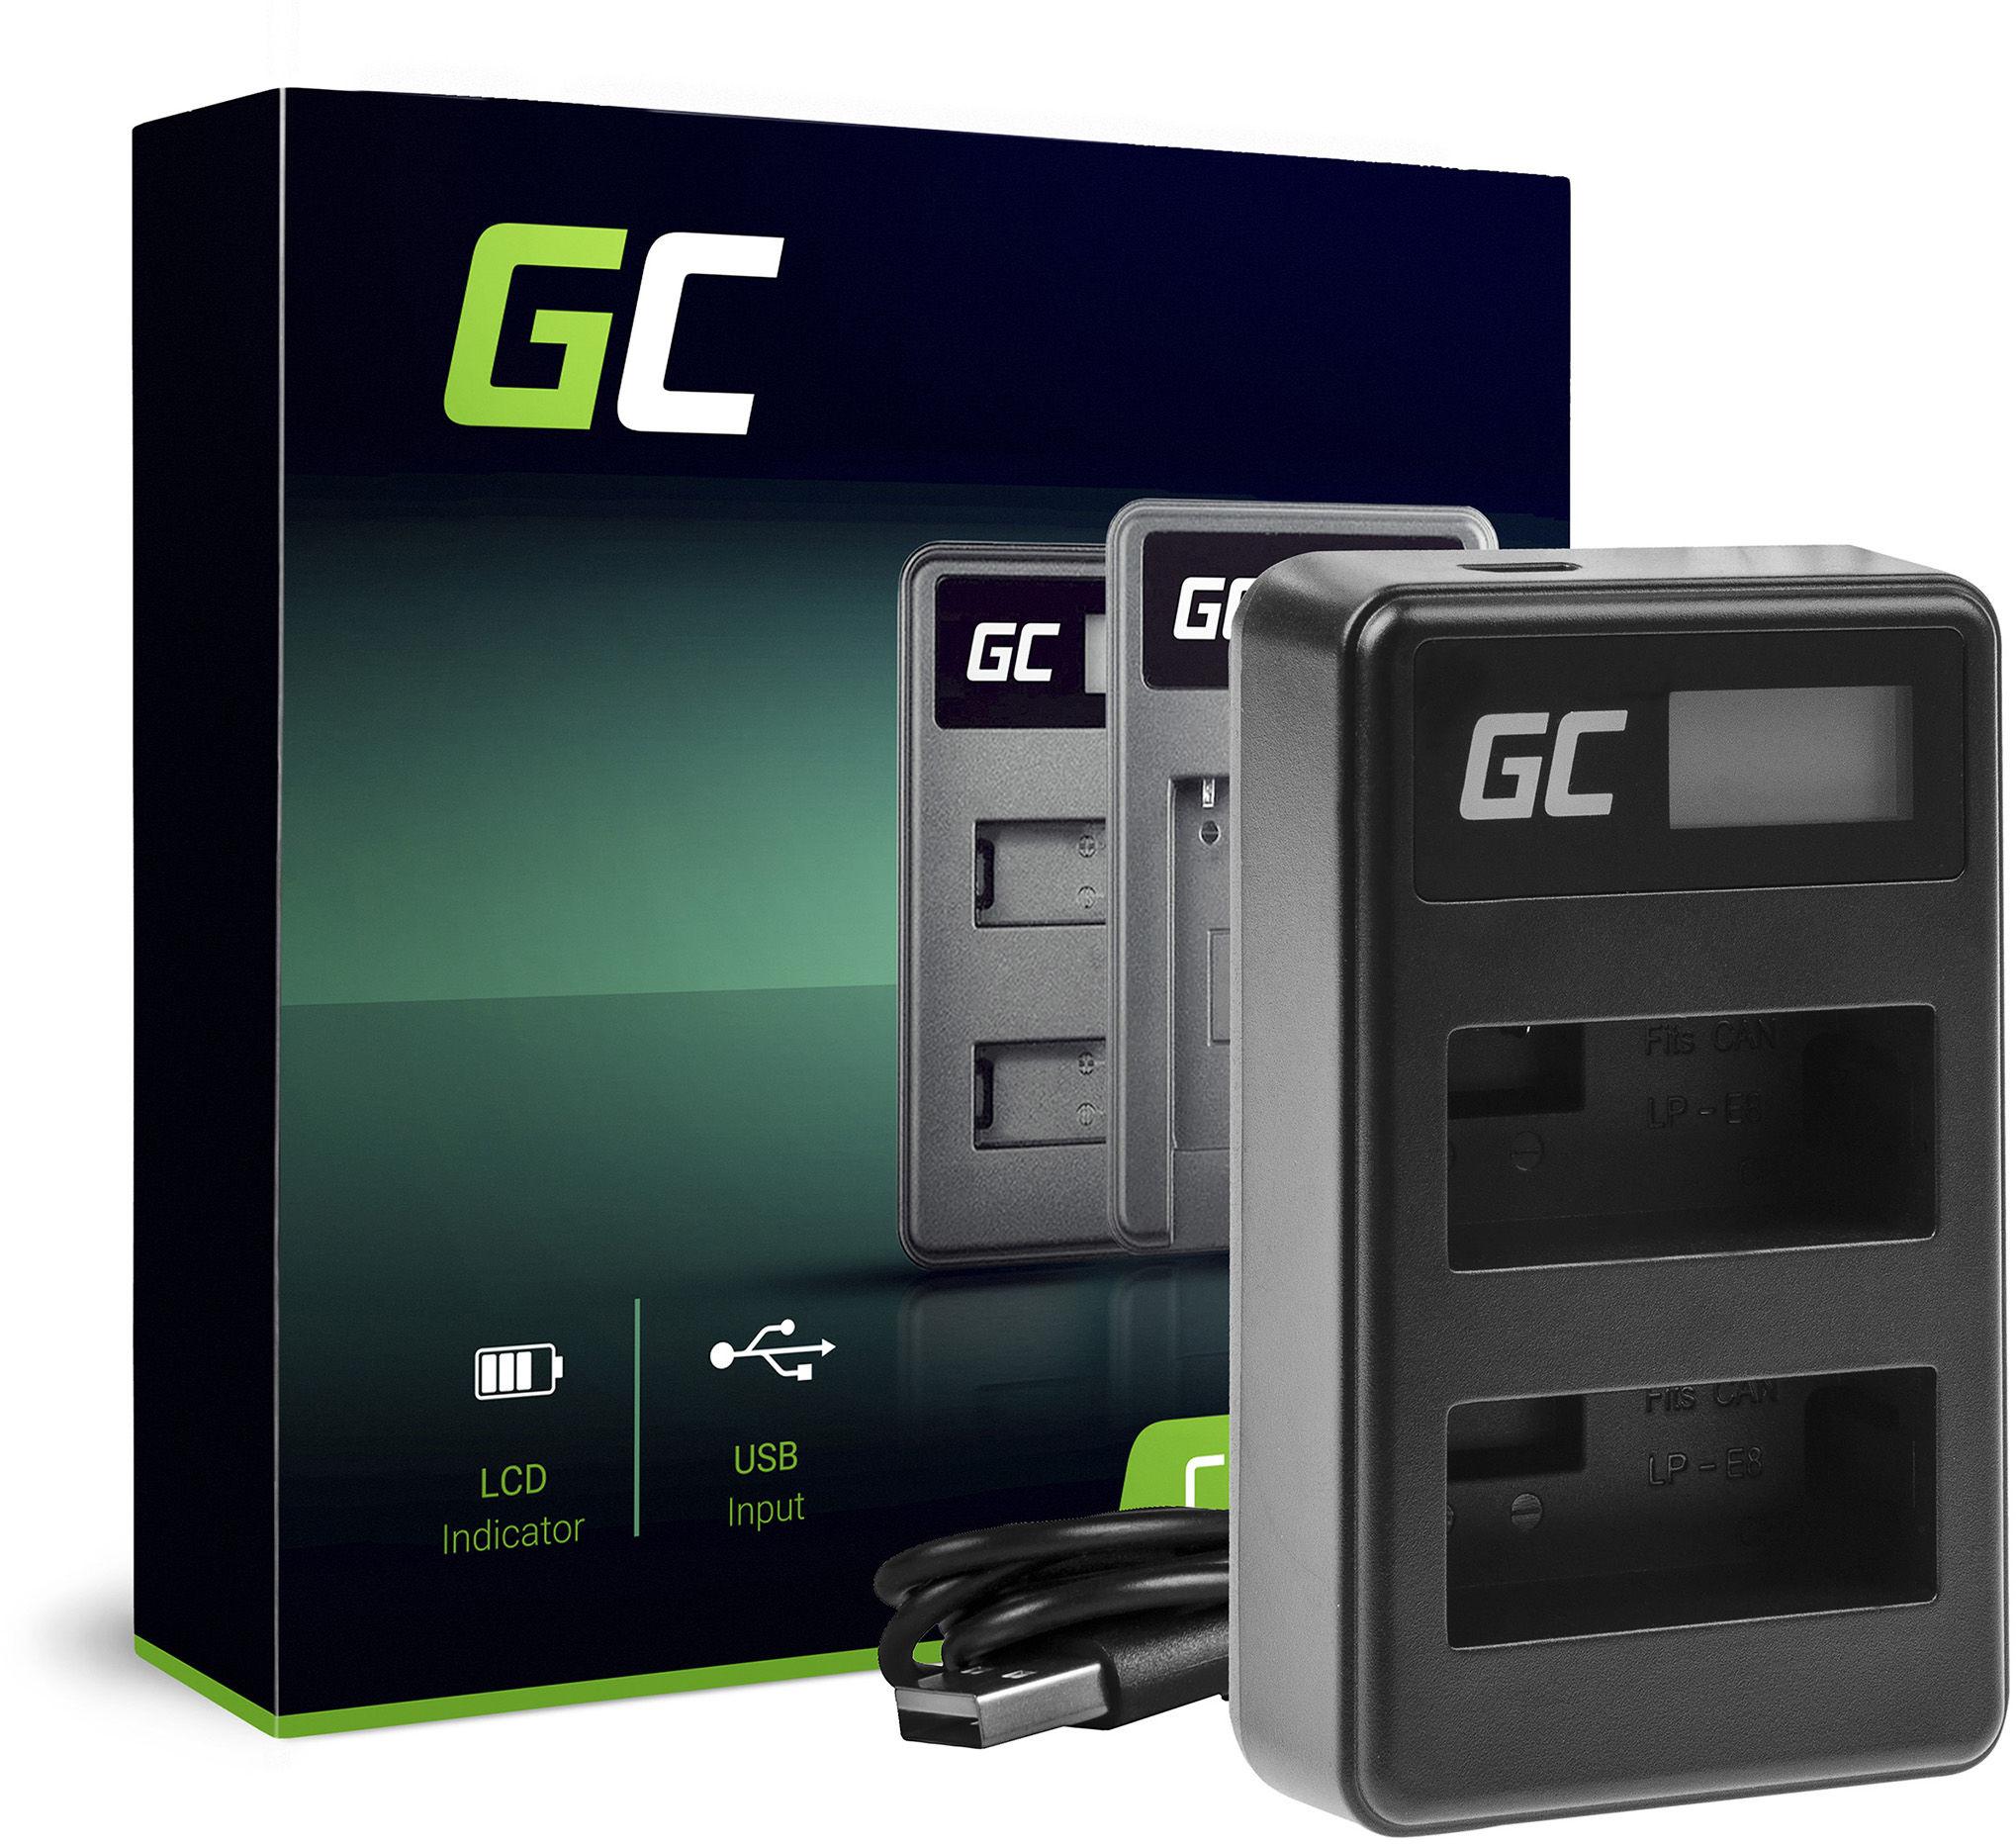 Podwójna ładowarka LC-E8 Green Cell  do Canon LP-E8 EOS Rebel T2i T3i T4i T5i EOS 600D 700D Kiss X4 X5 X6 (5W 8.4V 0.6A)